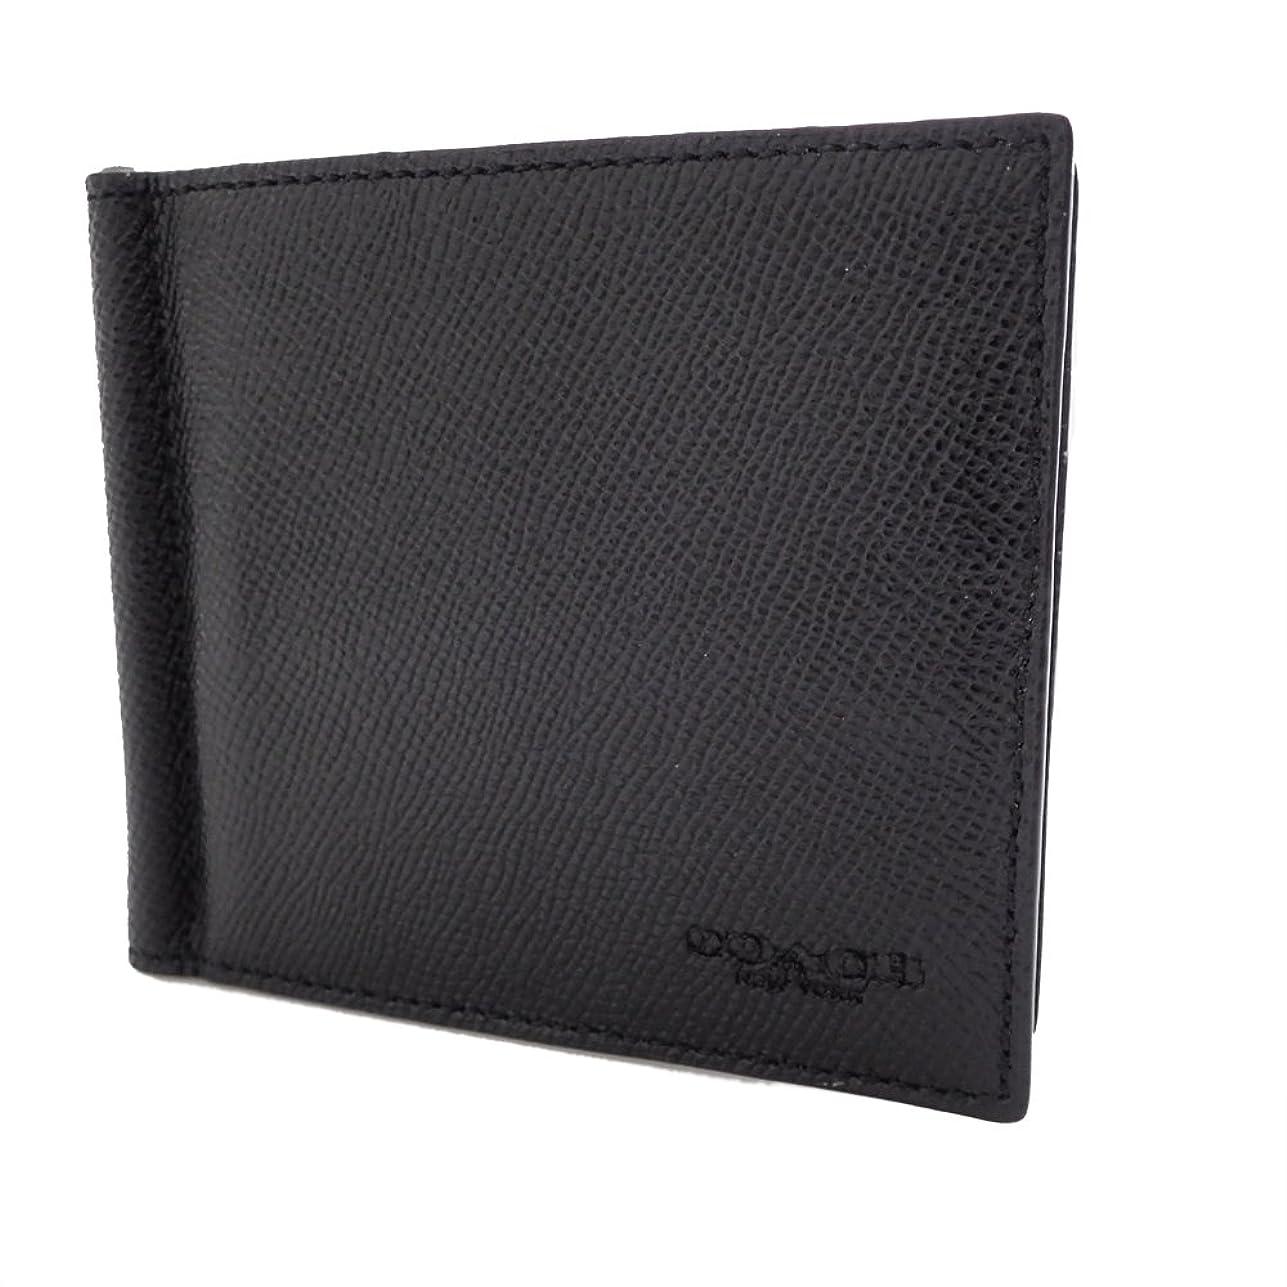 湿気の多いベンチ和らげるコーチ カードケース 札入れ マネークリップ レザー ブラック系 F23847 [並行輸入品]